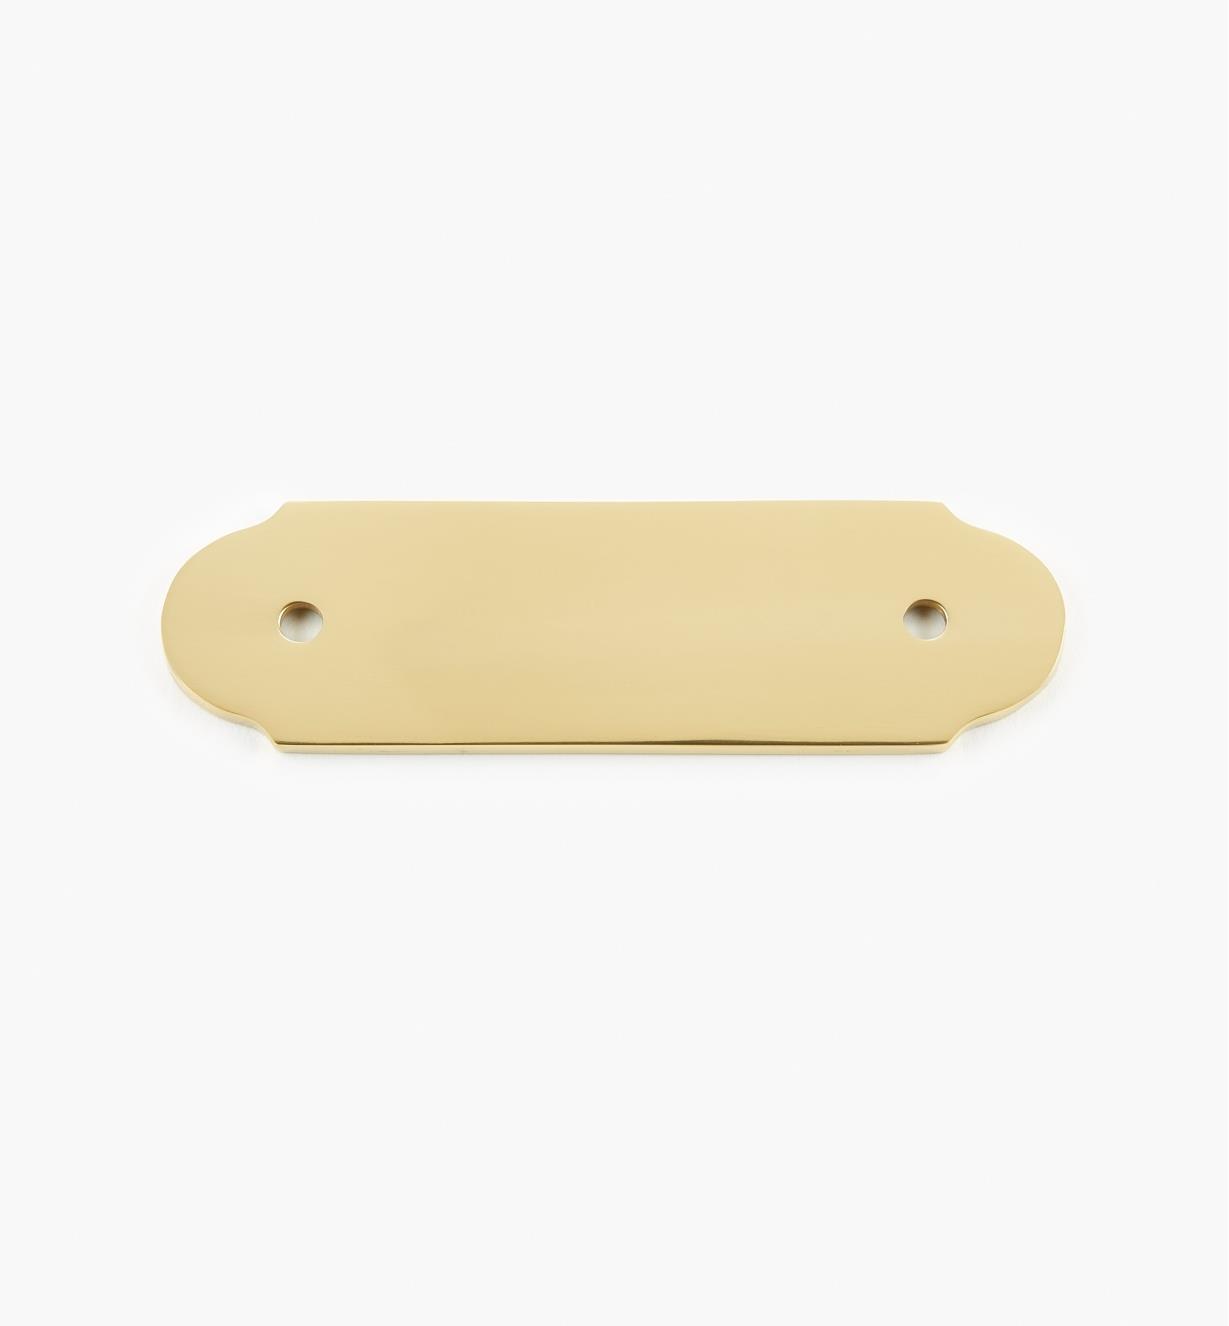 00W8832 - Platine unie pour poignée en laiton, 4 3/8 po x 1 5/16 po (3 po)